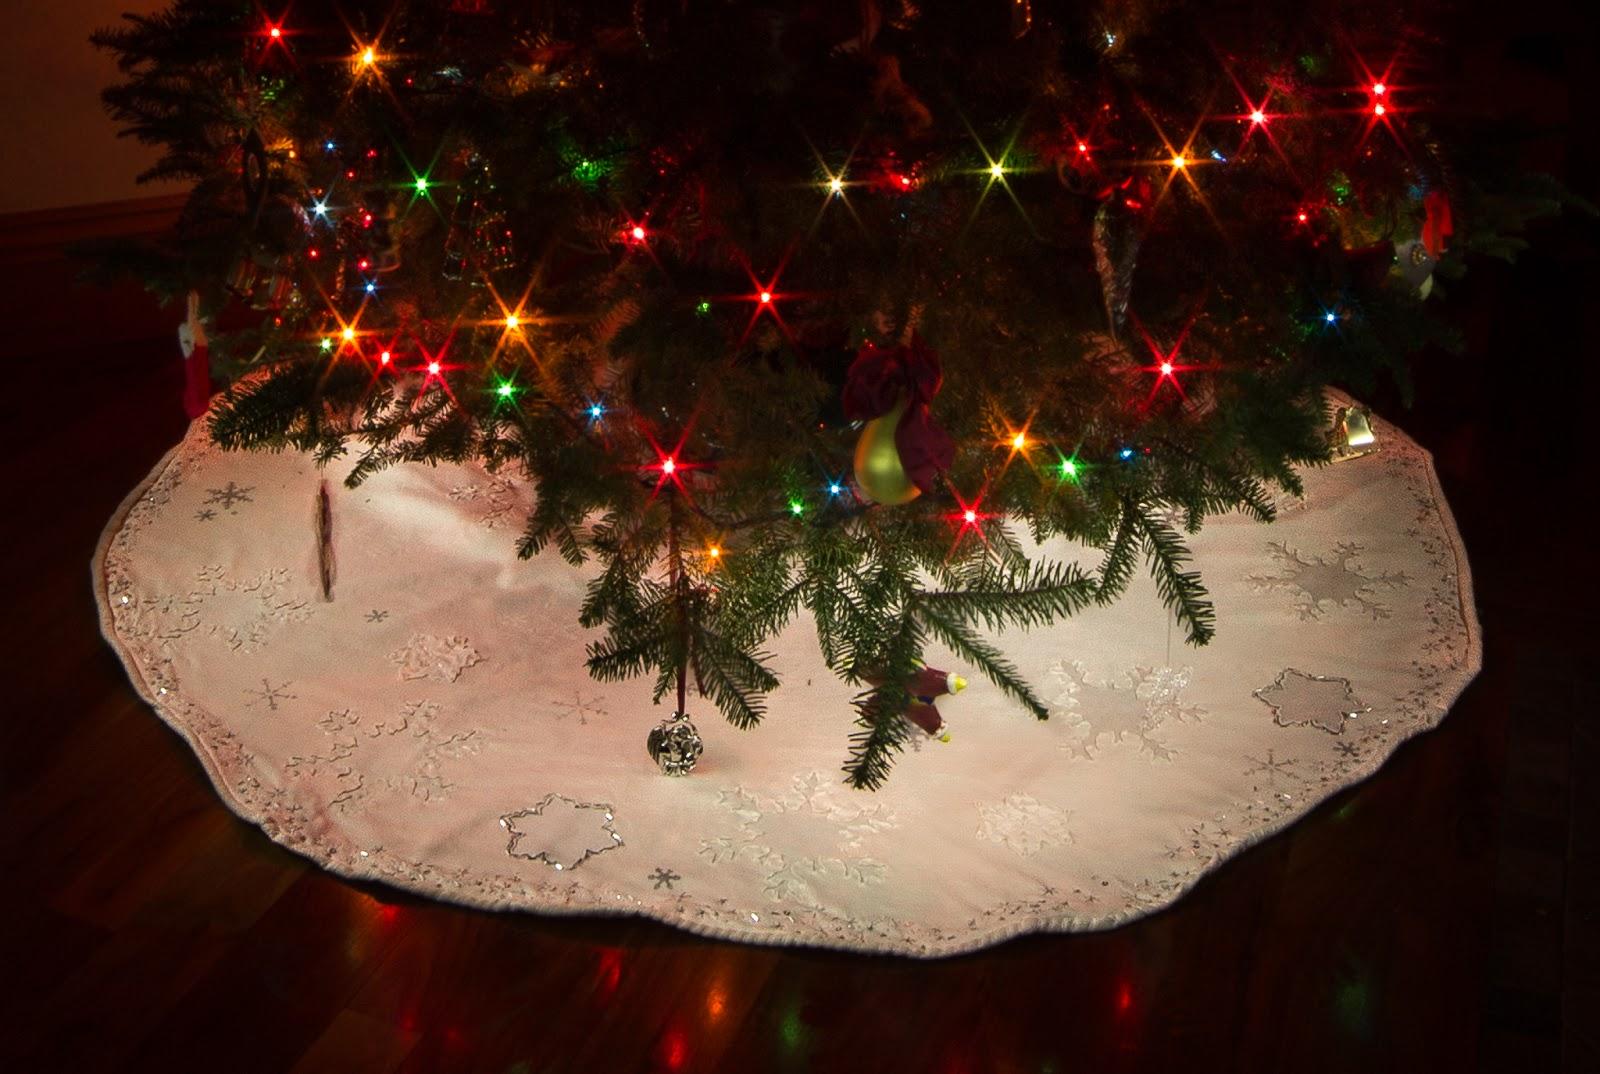 Diy metal christmas tree skirt perfect for a stylish yet